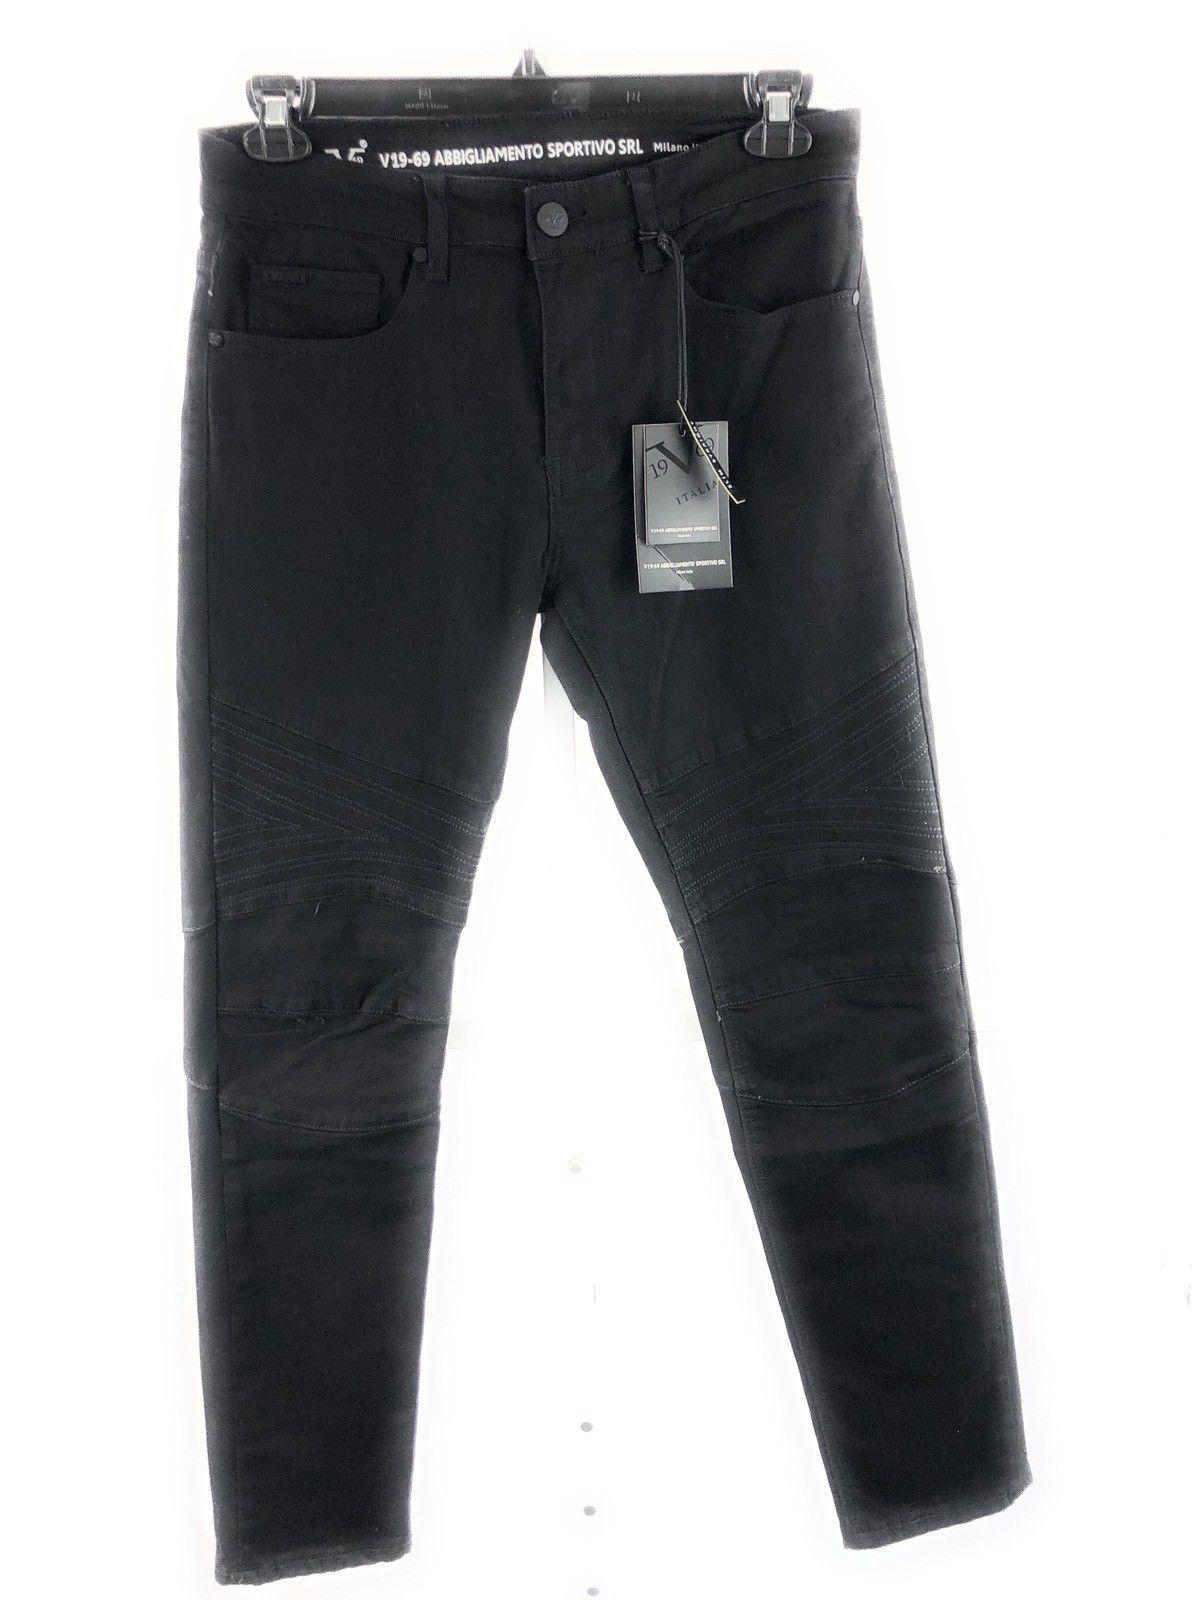 sale retailer 1714a 1e75b 34.99 | Versace 19V69 ITALIA Abbigliamento Sportivo SRL ...